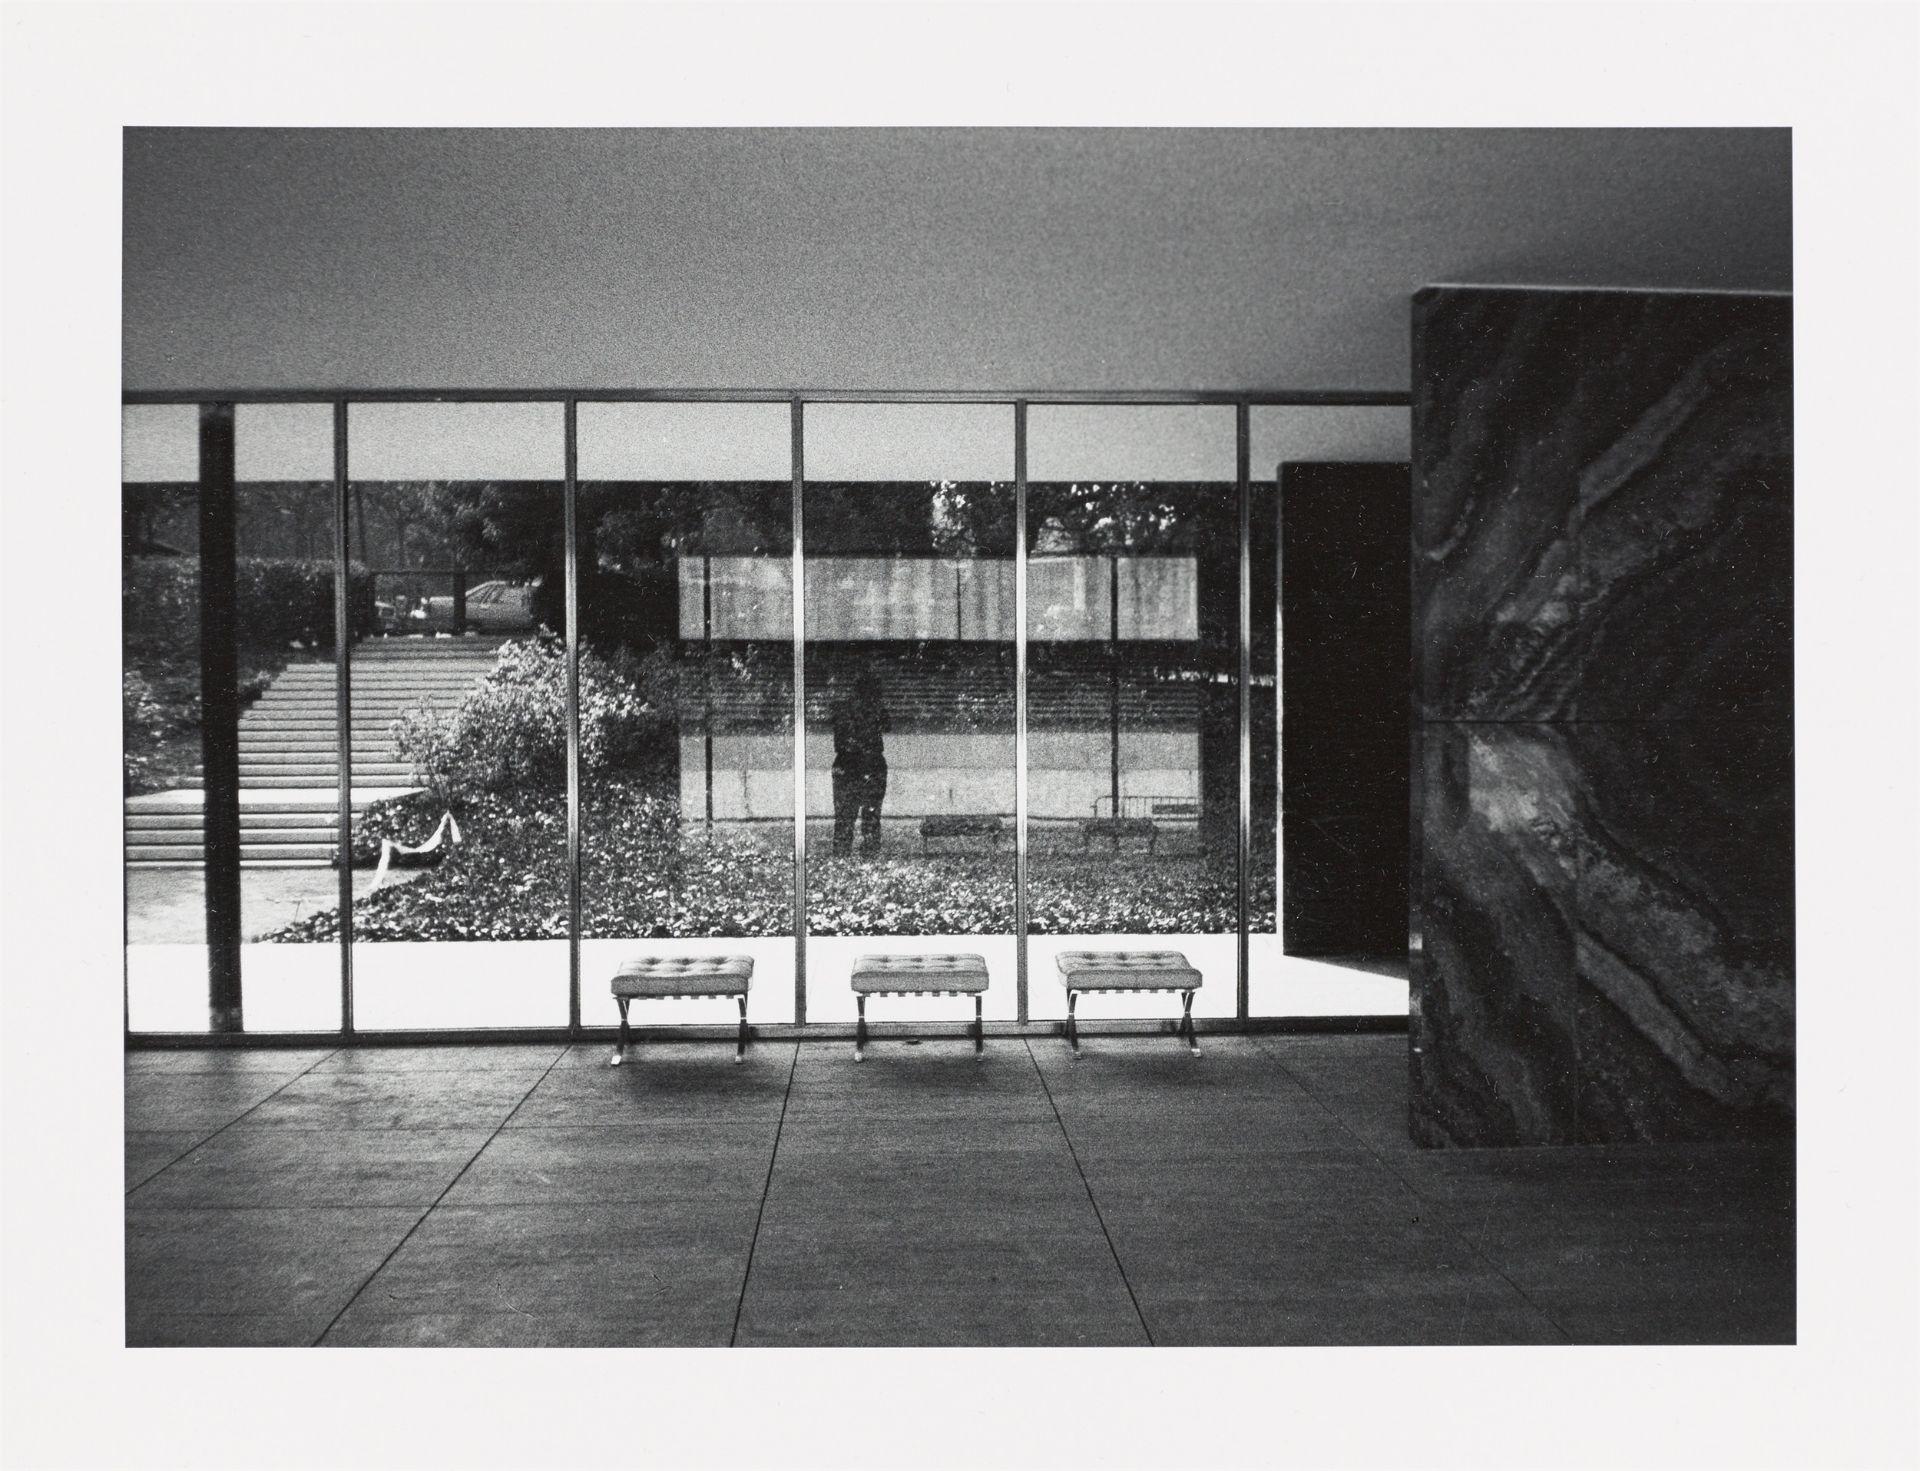 Günther Förg (Füssen 1952 – 2013 Freiburg) - Bild 3 aus 9